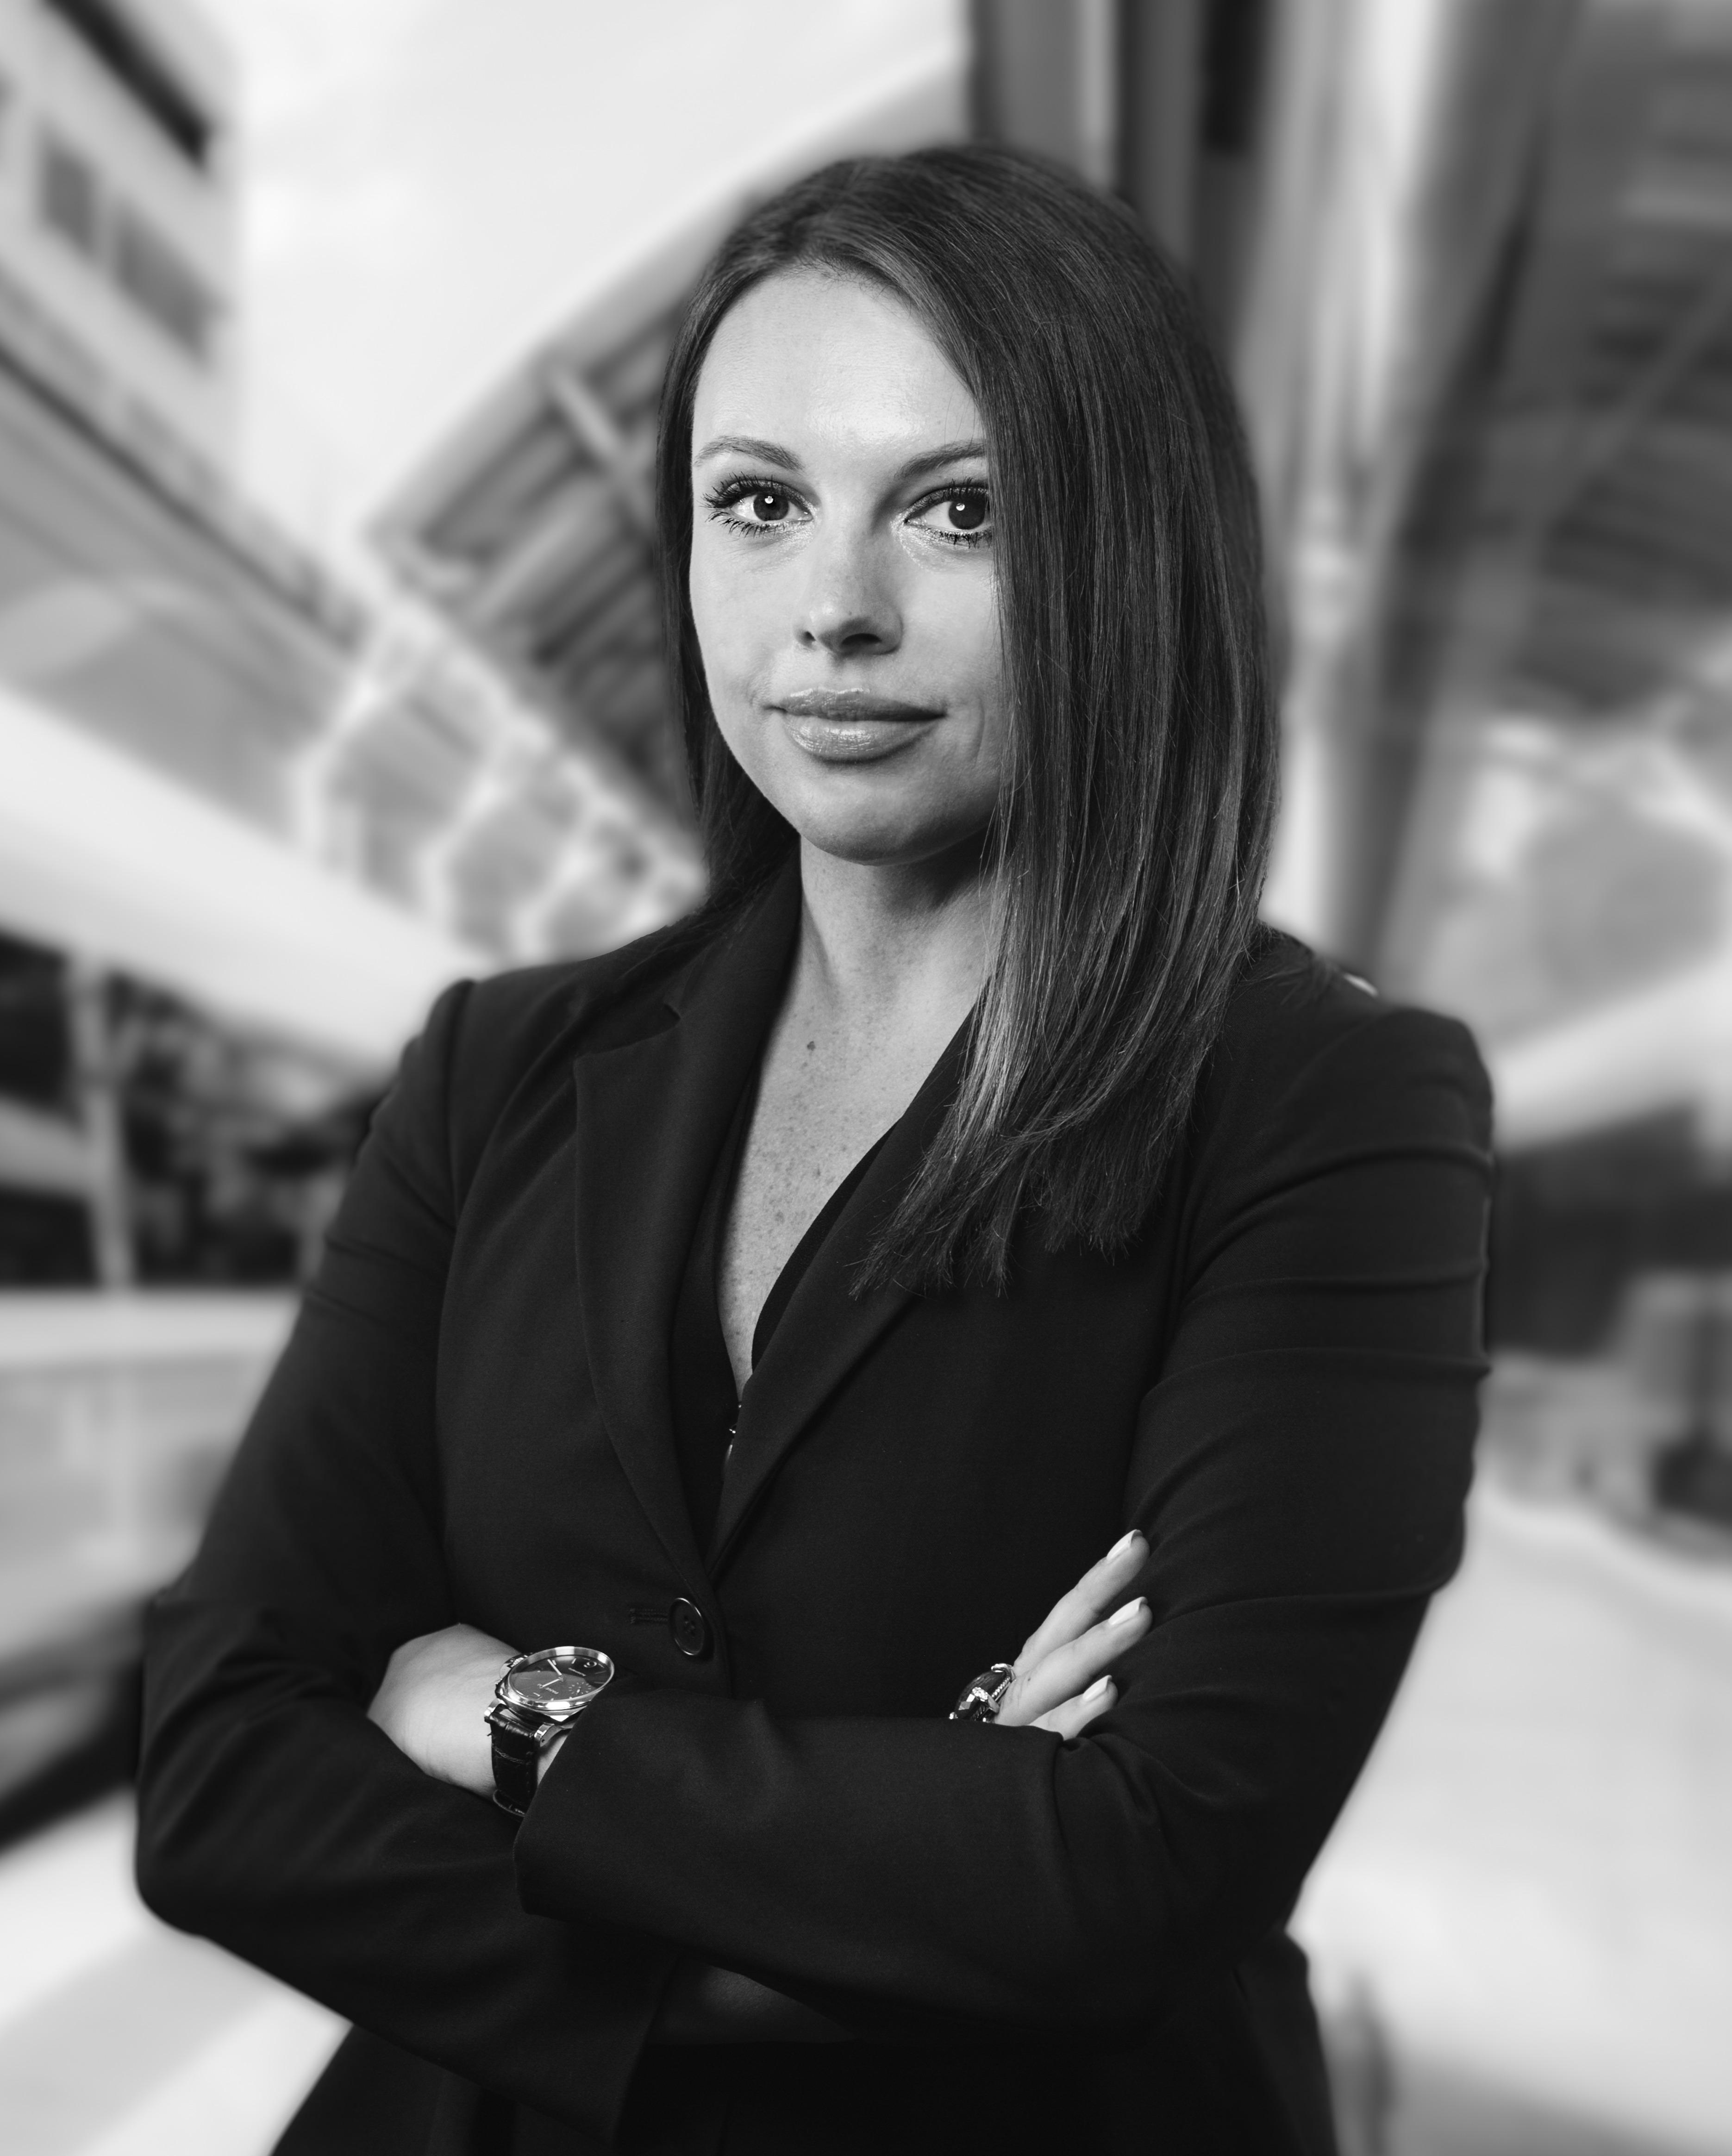 Lauren Hein